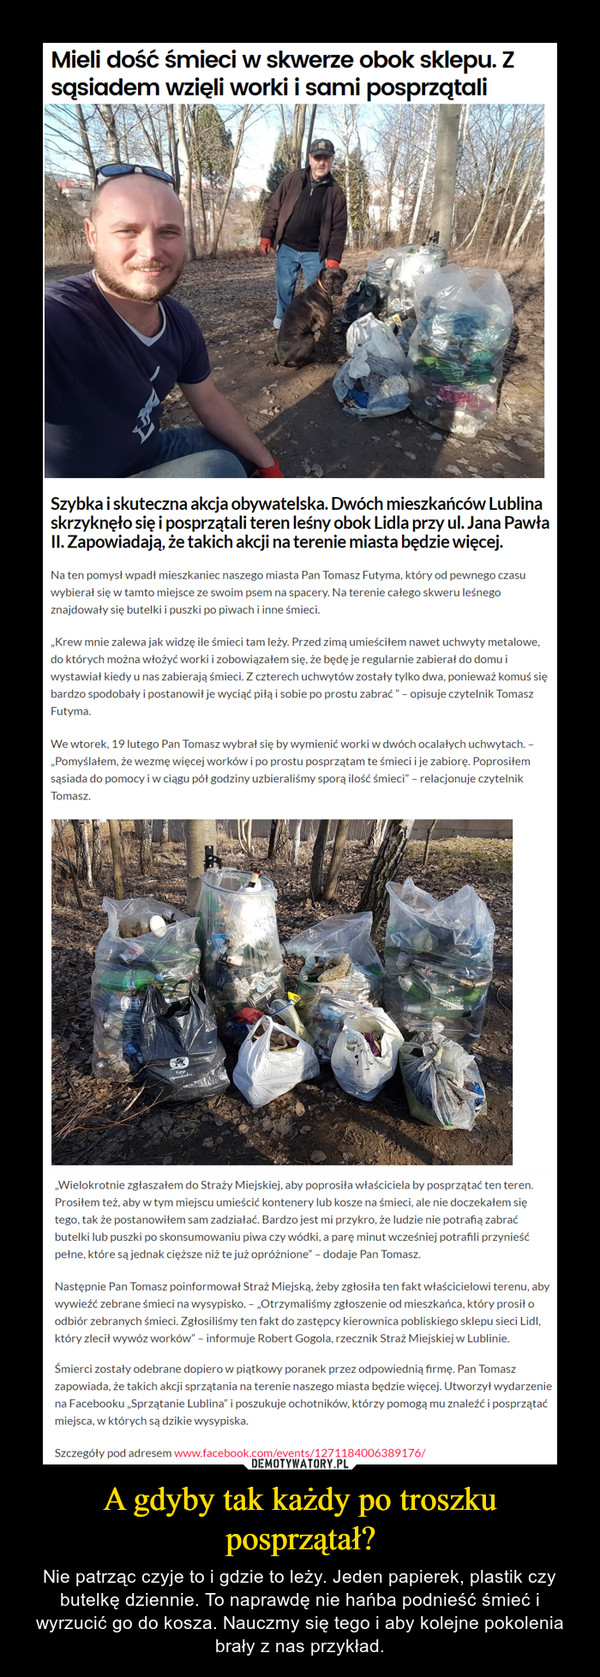 A gdyby tak każdy po troszku posprzątał? – Nie patrząc czyje to i gdzie to leży. Jeden papierek, plastik czy butelkę dziennie. To naprawdę nie hańba podnieść śmieć i wyrzucić go do kosza. Nauczmy się tego i aby kolejne pokolenia brały z nas przykład.